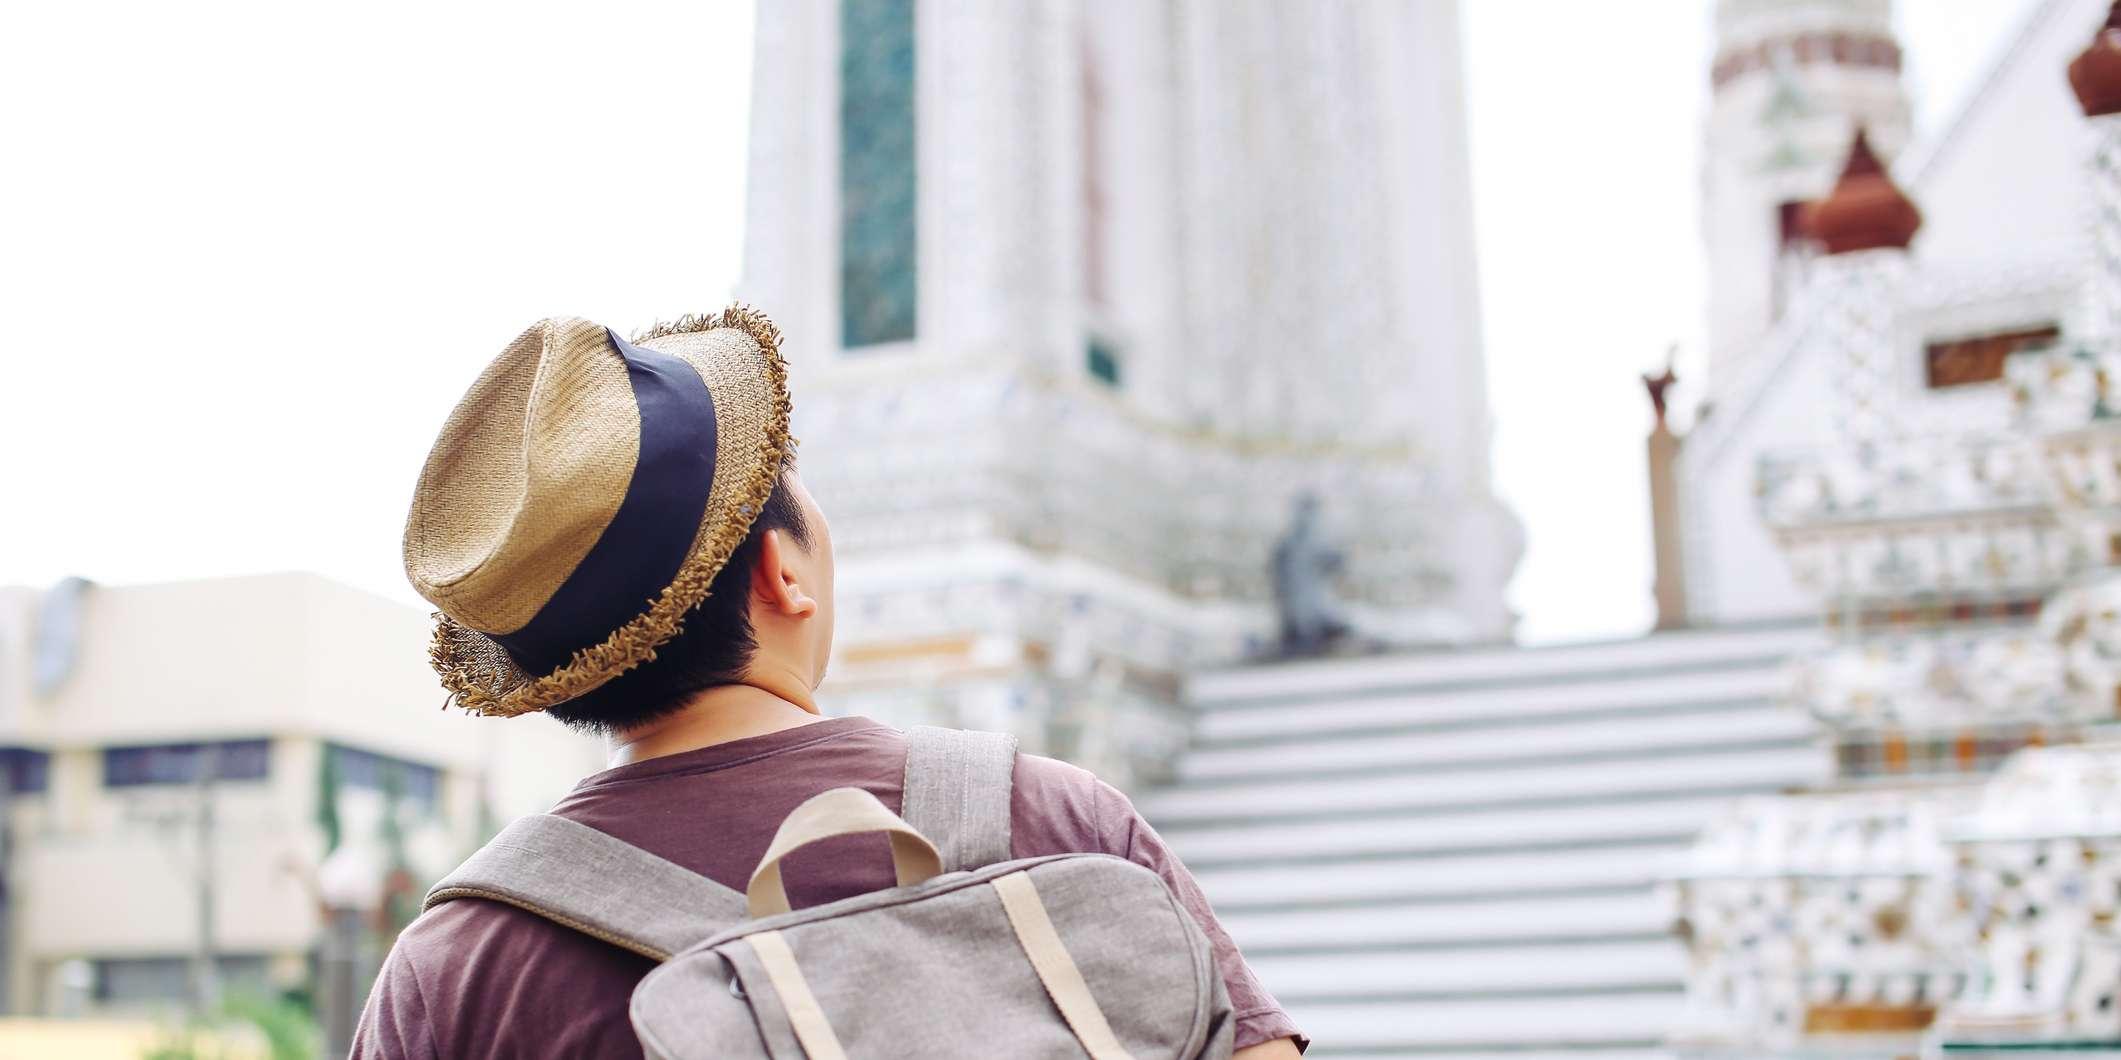 Mann schaut auf zu einem Tempel